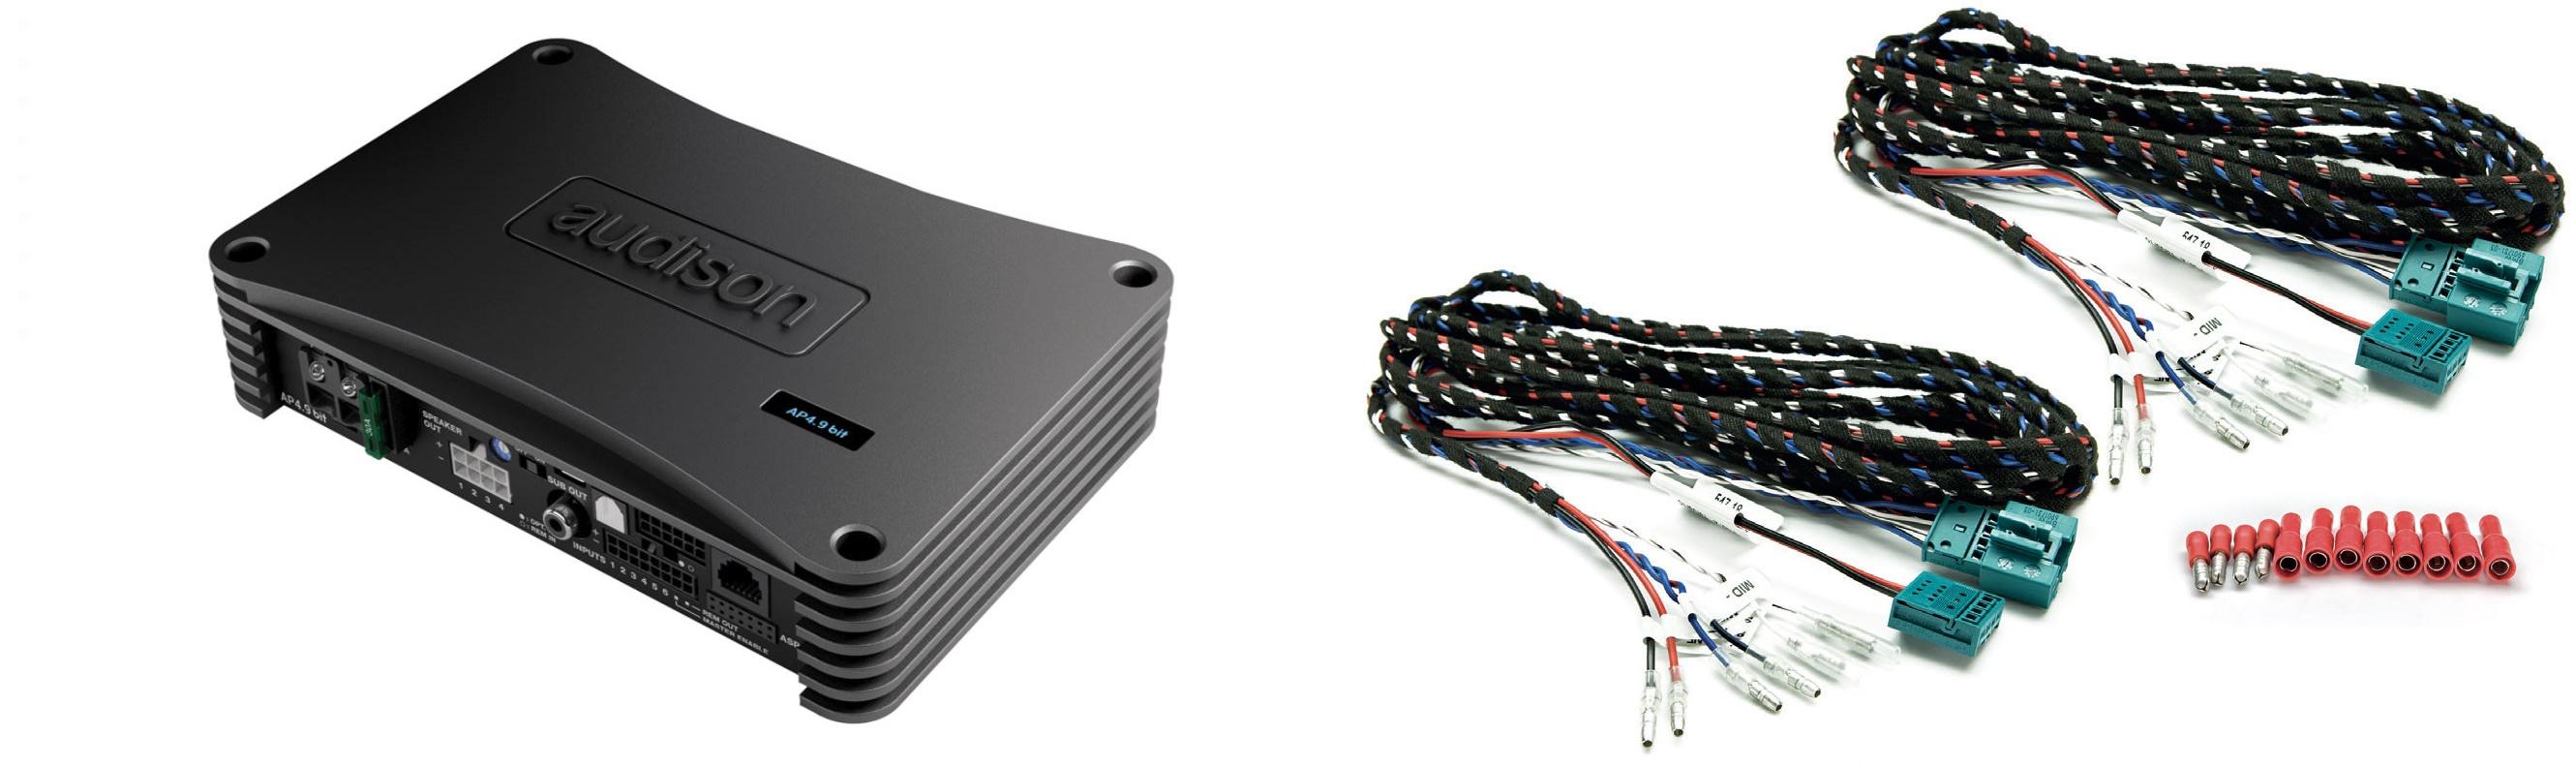 Audison AP4.9 bit vahvistimen asennus ja säätäminen BMW perusaudioon